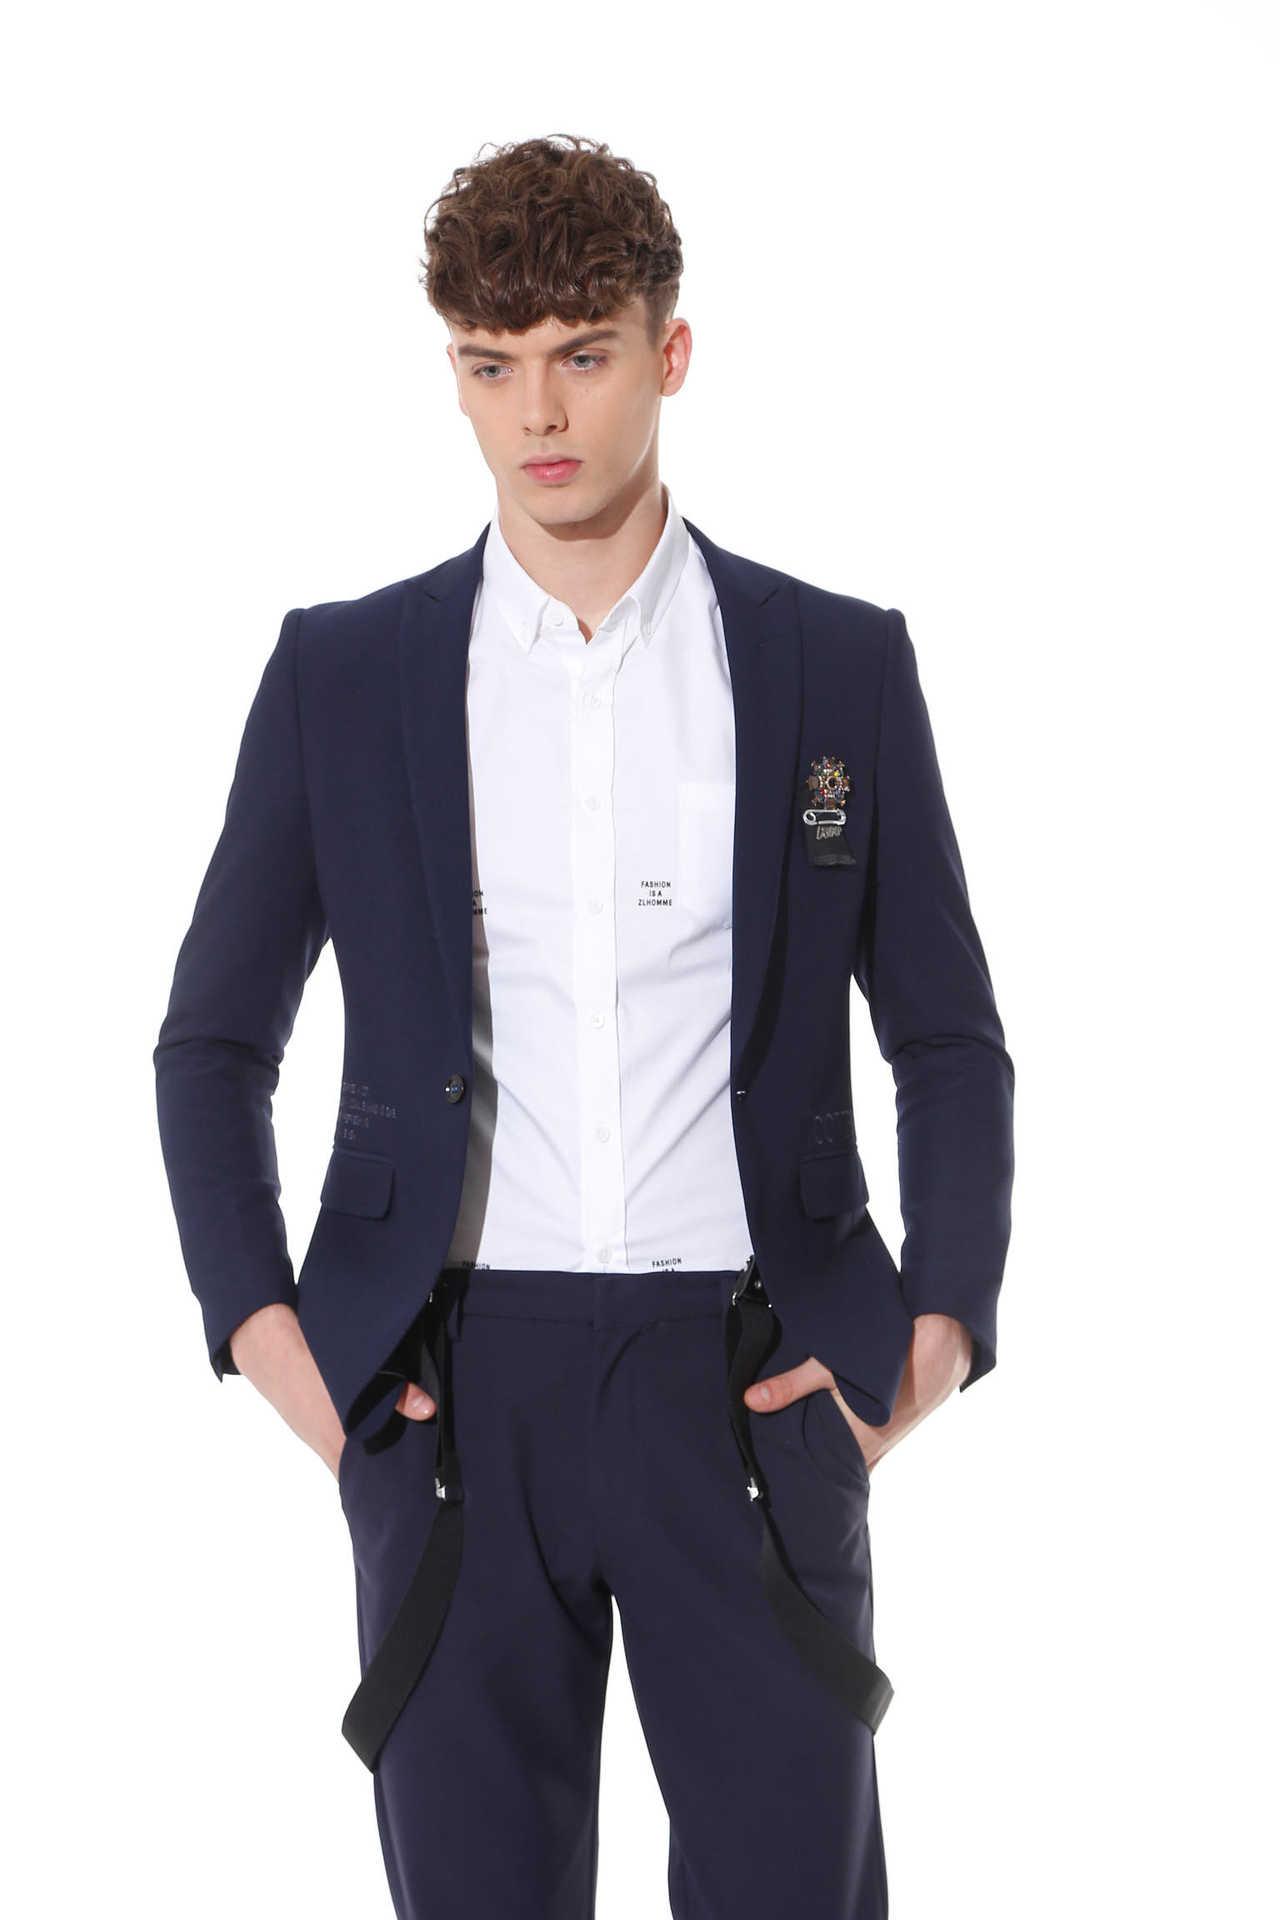 如今适合经营的男装品牌找佐纳利男装 精益求精